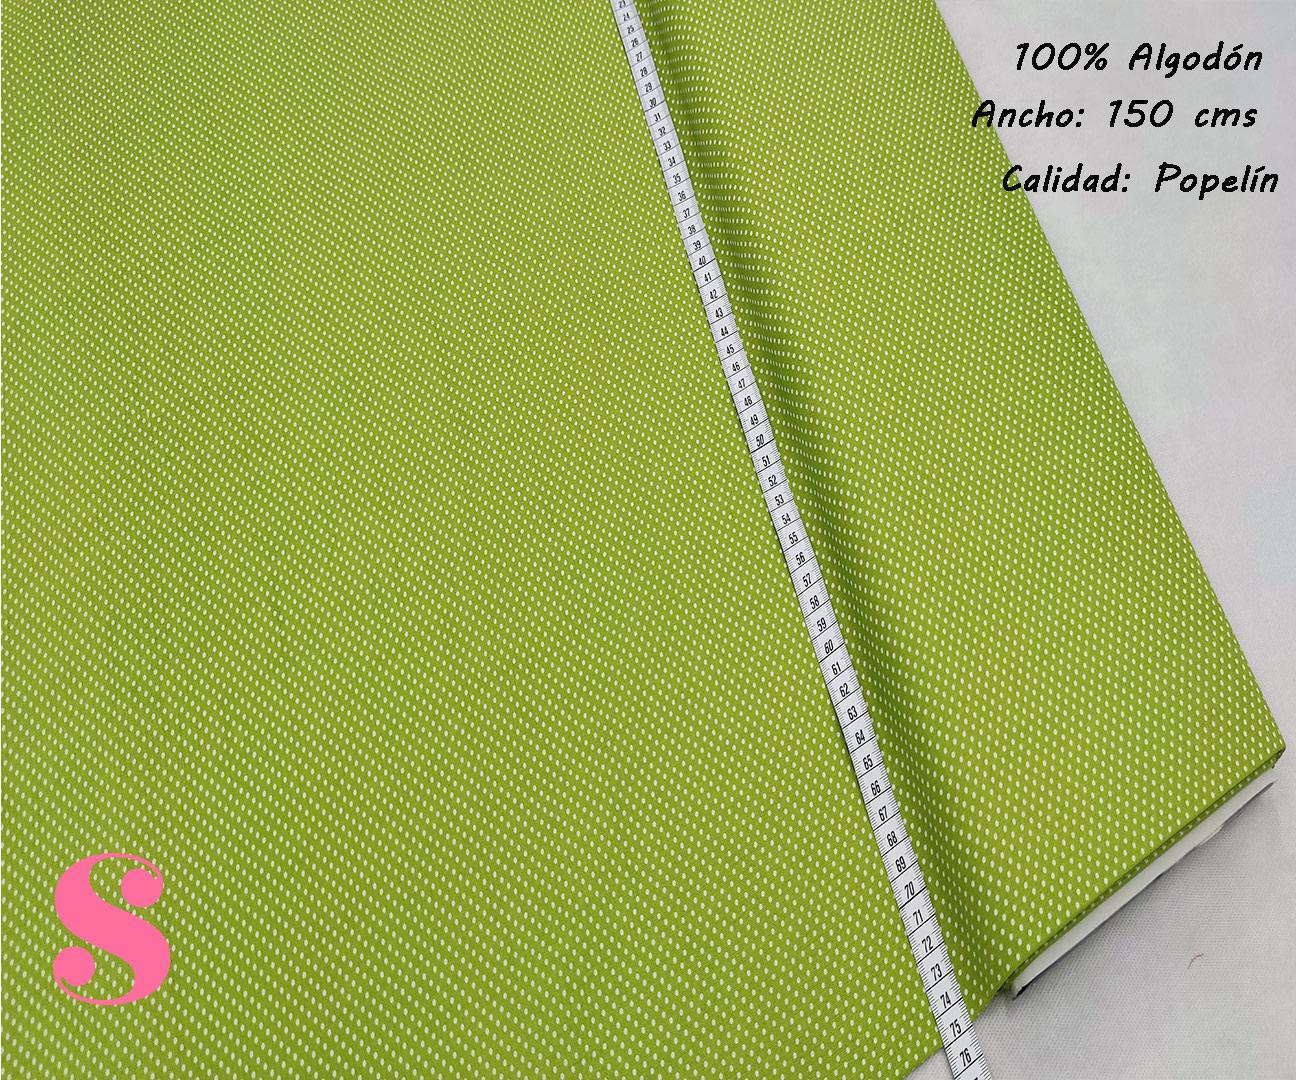 Tejido Algodón Estampado Topos Blanco Fondo Verde Pistacho,topitos-fondo-verde-pistacho-tejidos-algodón-estampado-popelin